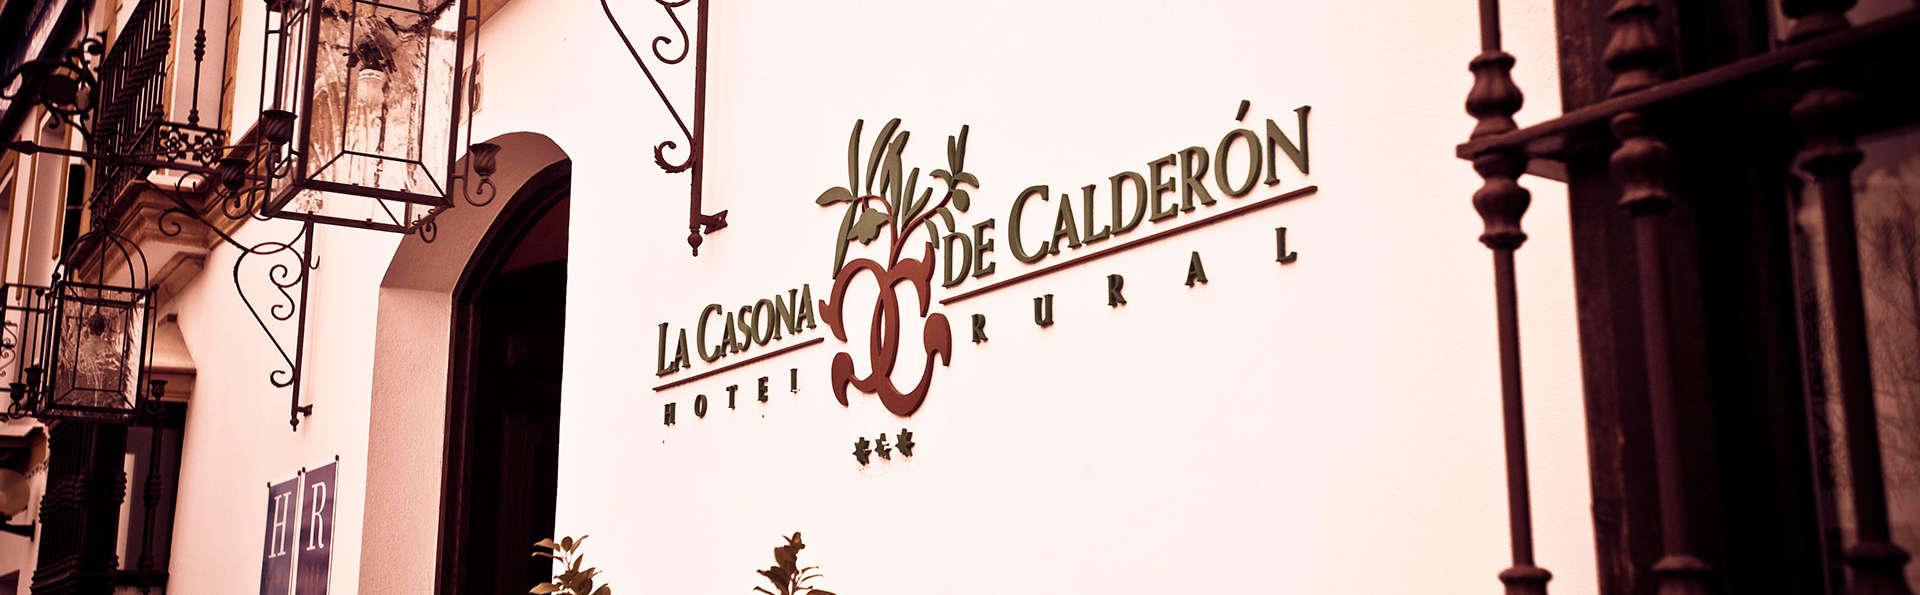 La Casona de Calderón - EDIT_front.jpg